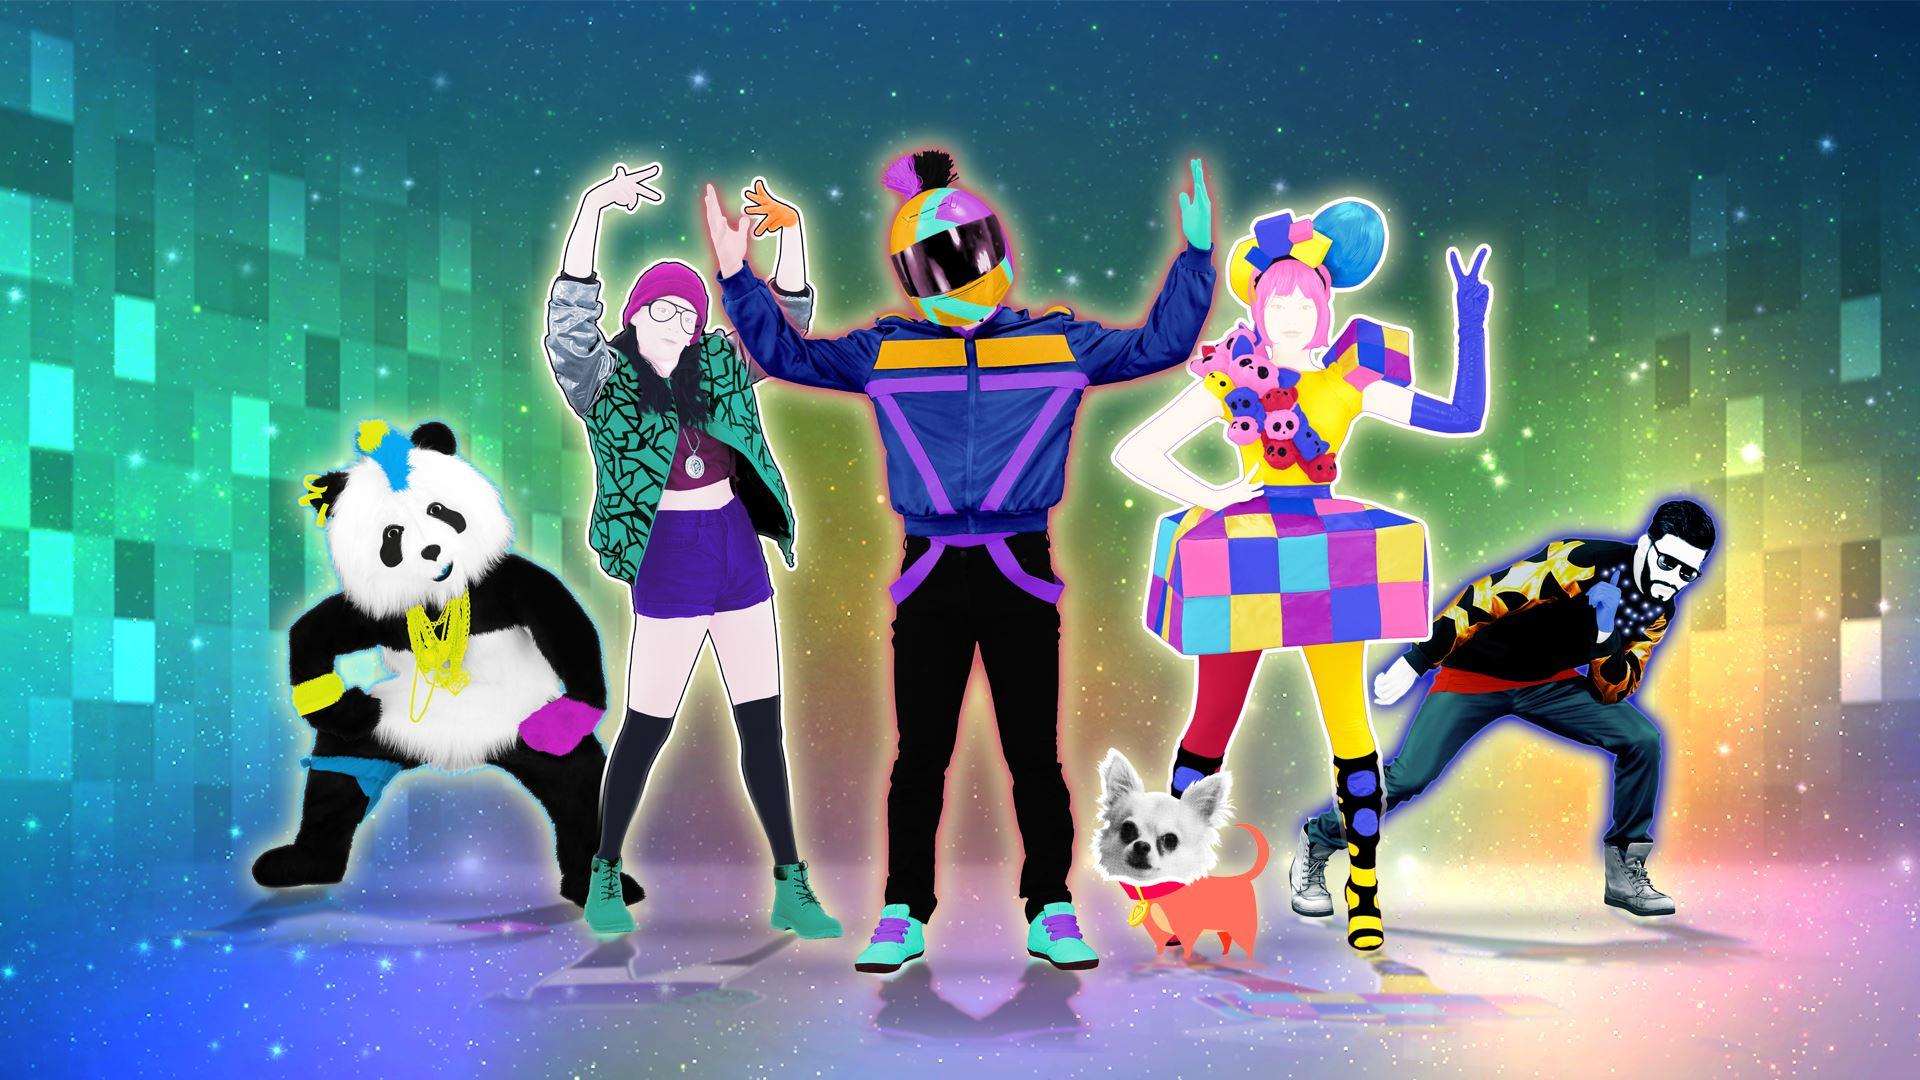 Ubisoft donne le coup d'envoi de la conférence de presse avec Just Dance 2019